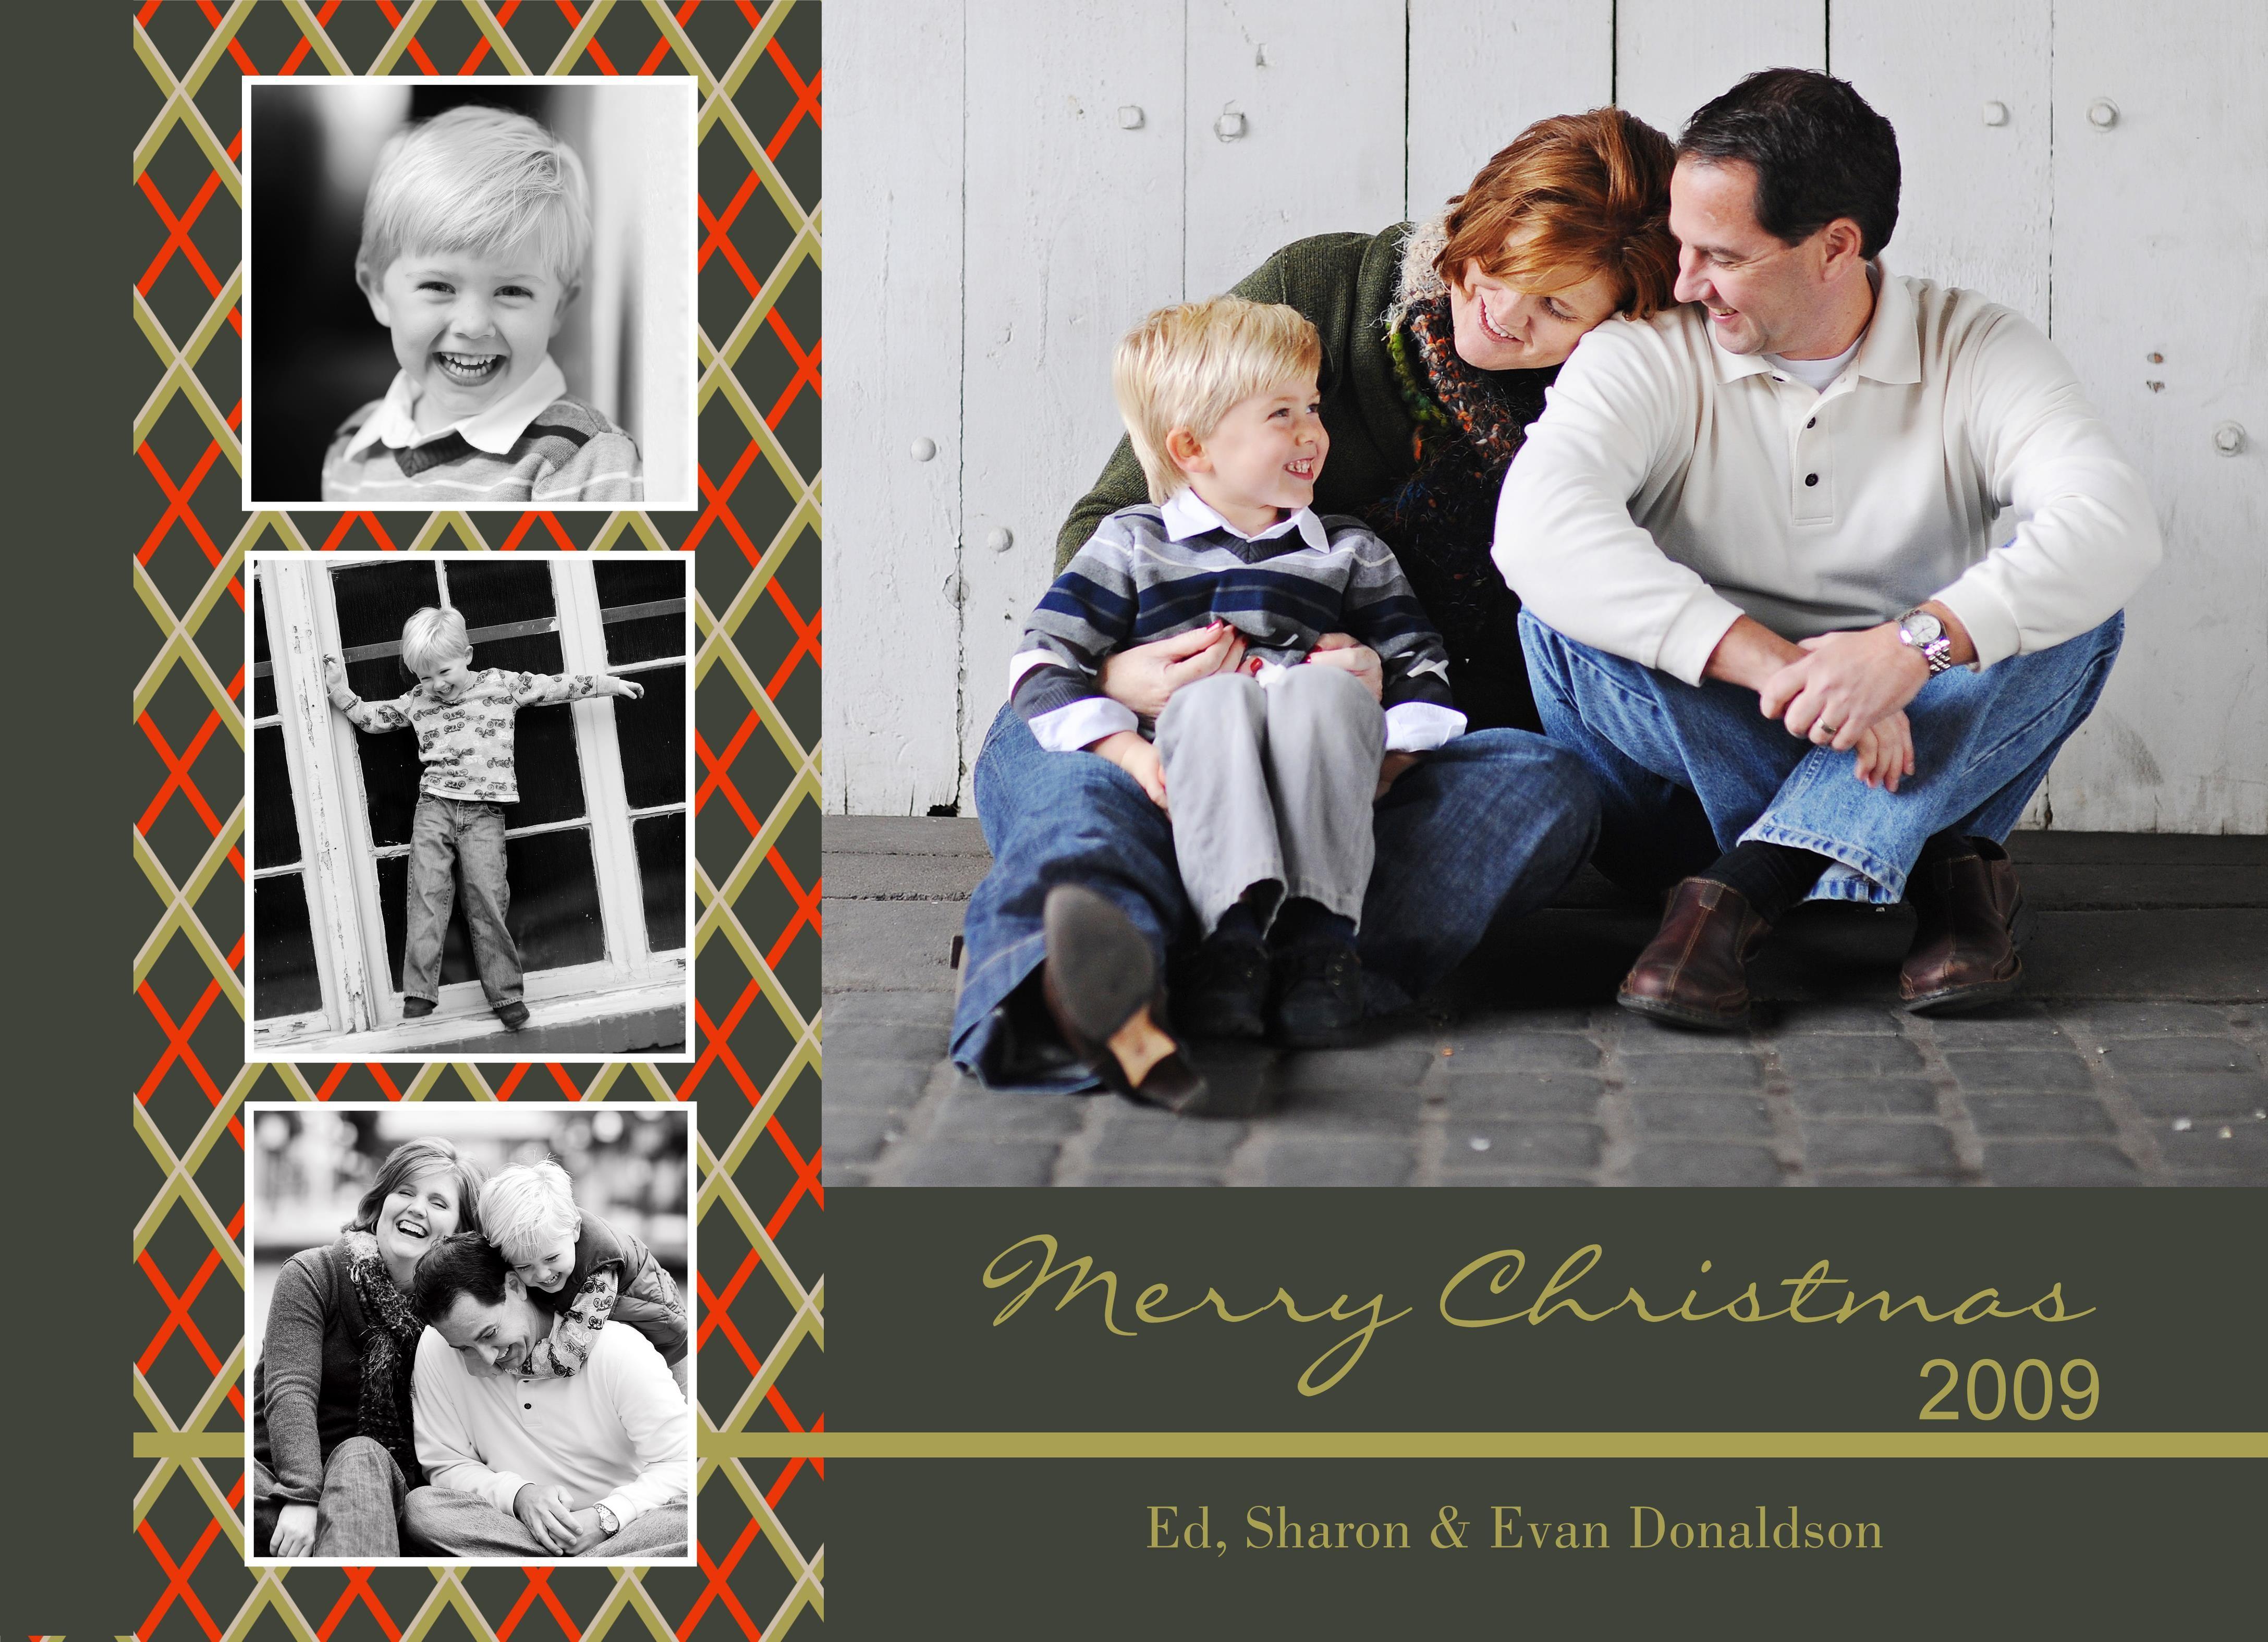 5755 Harmony 2 Christmas Card Christmas Cards Photo Cards Cards